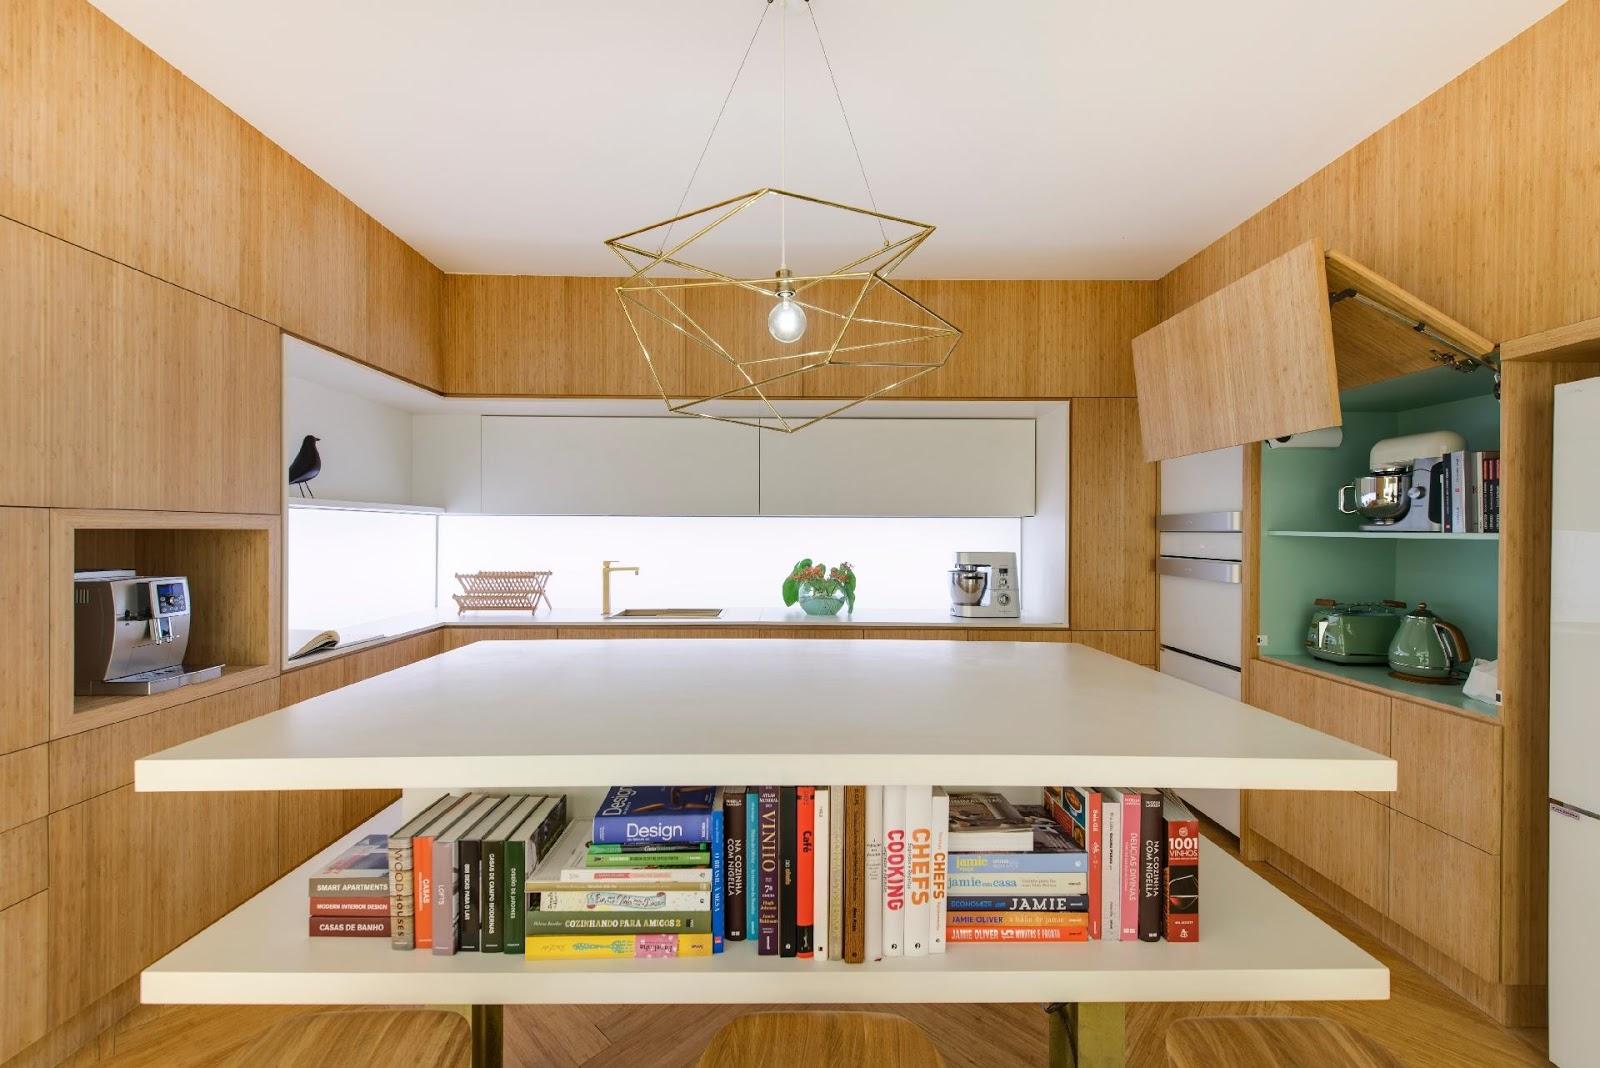 Decor Salteado Blog de Decoração Arquitetura e Construção #72491C 1600 1068